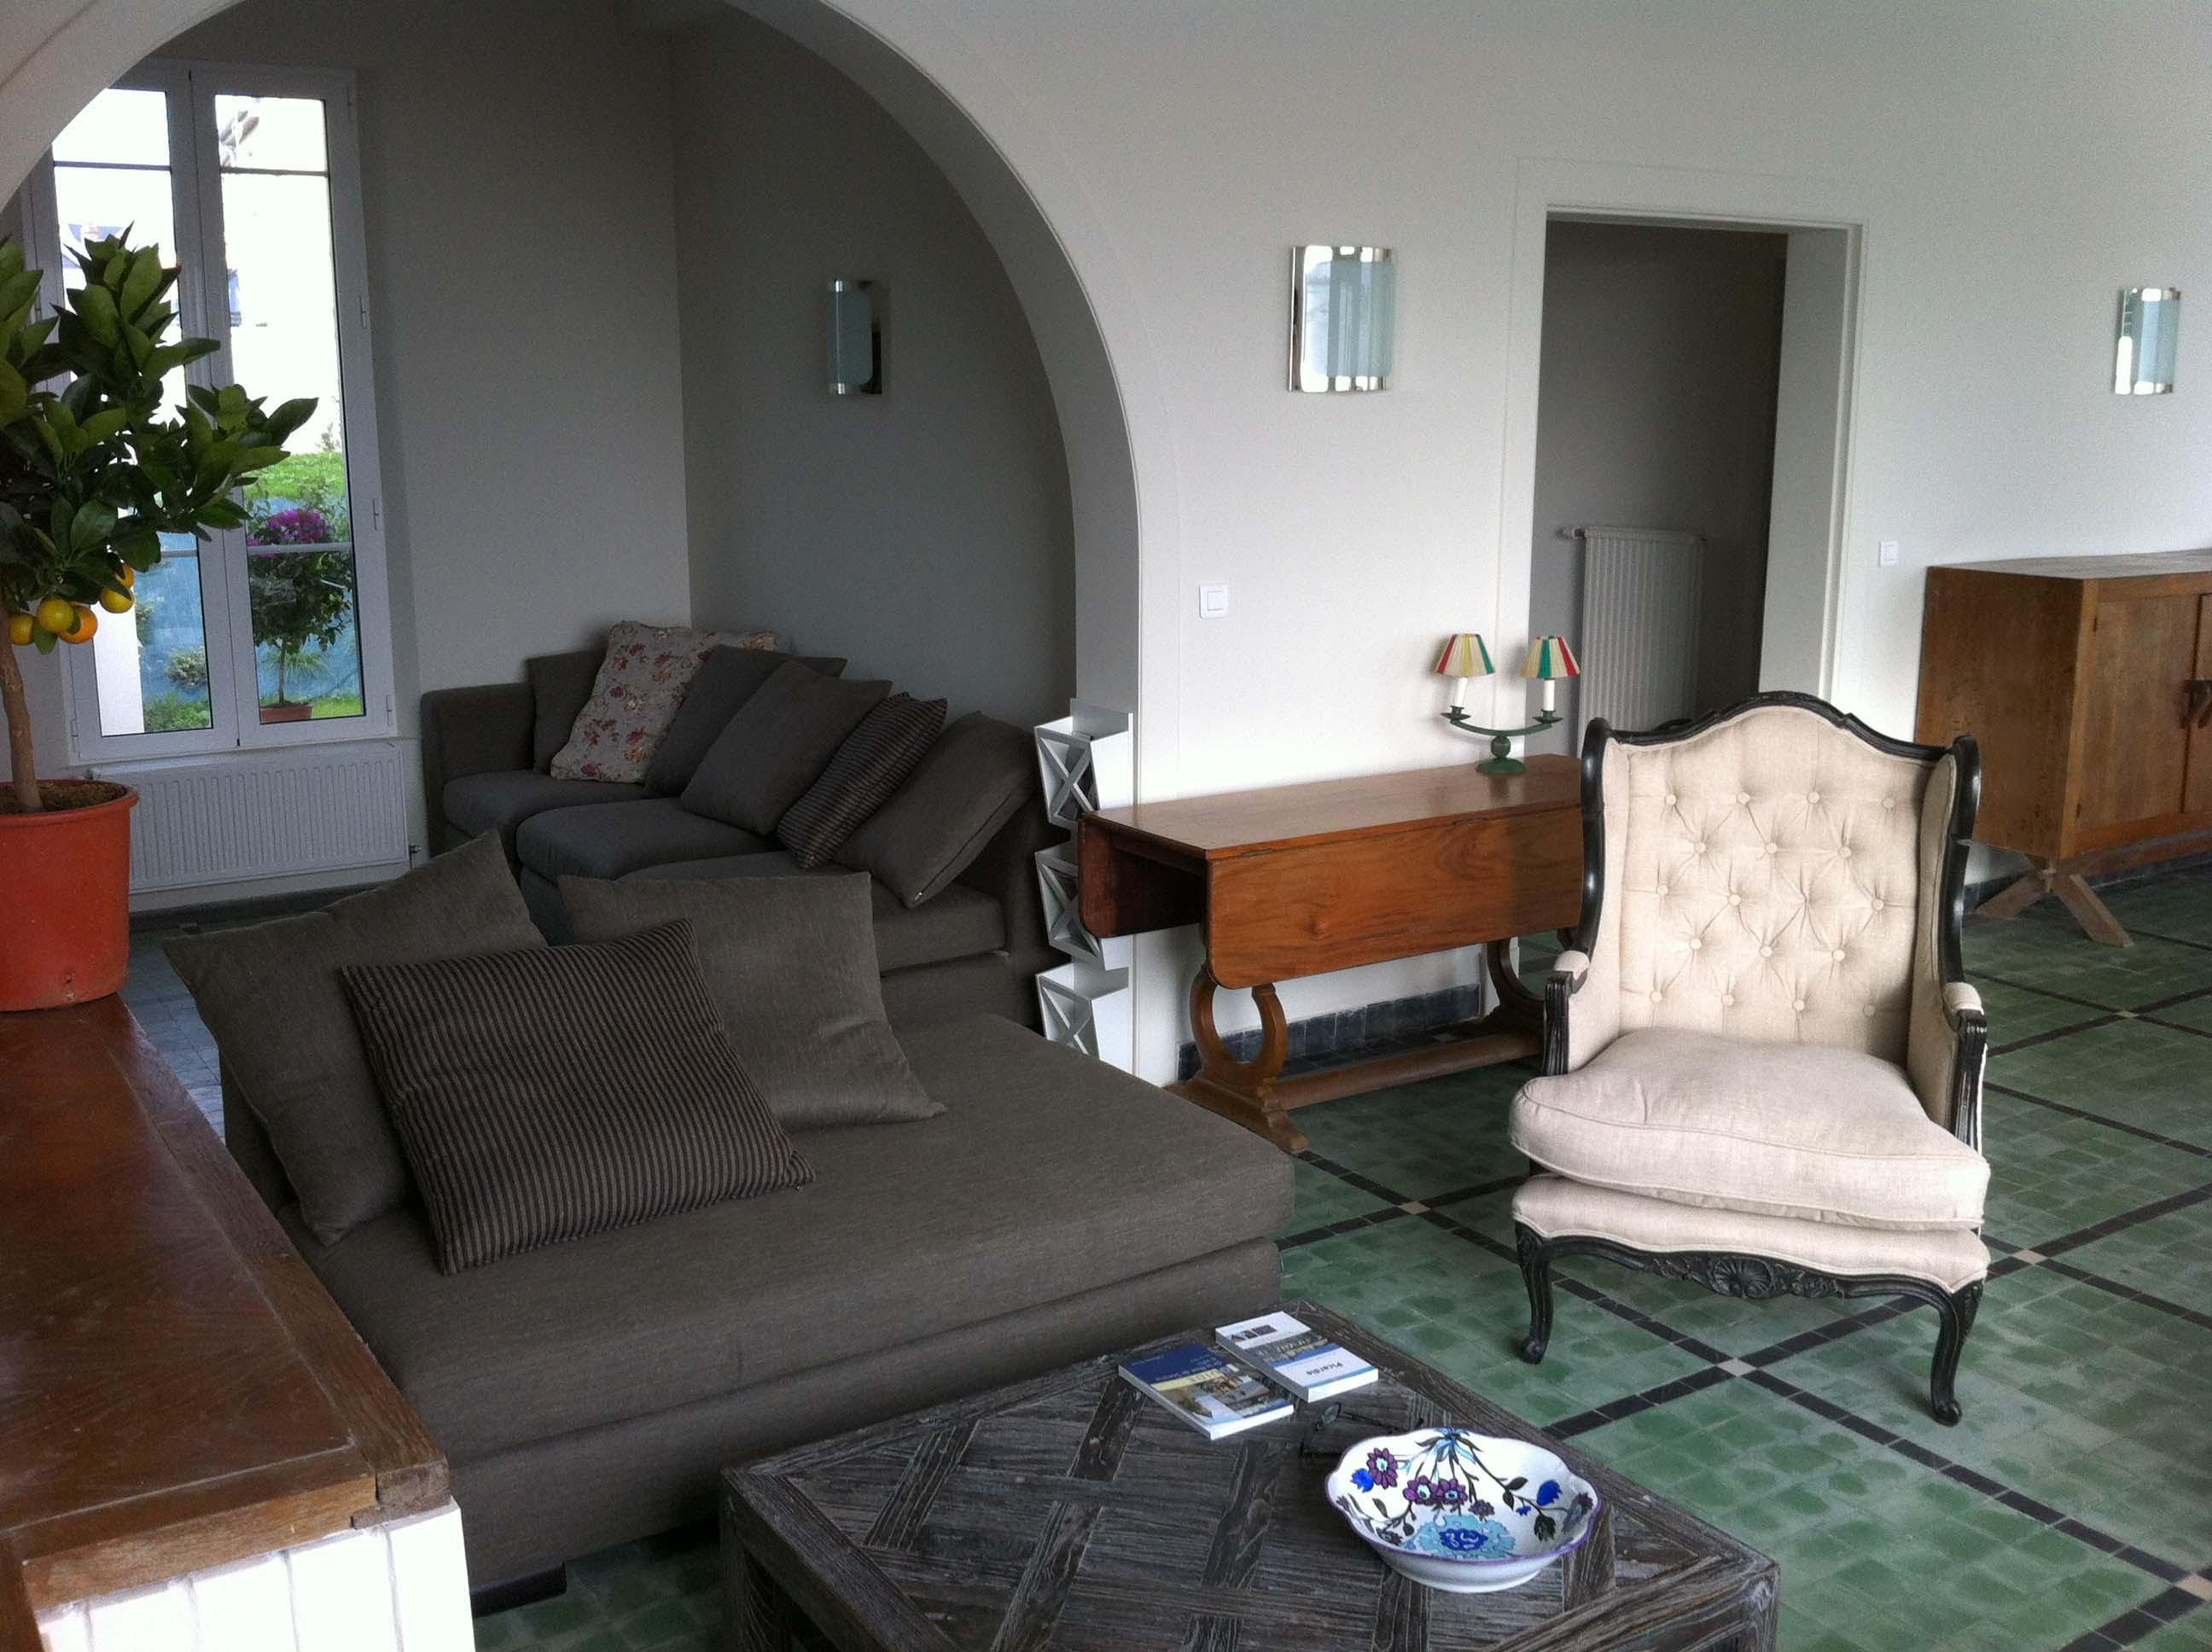 Le salon de loccident maison de location saisonnière en baie de somme